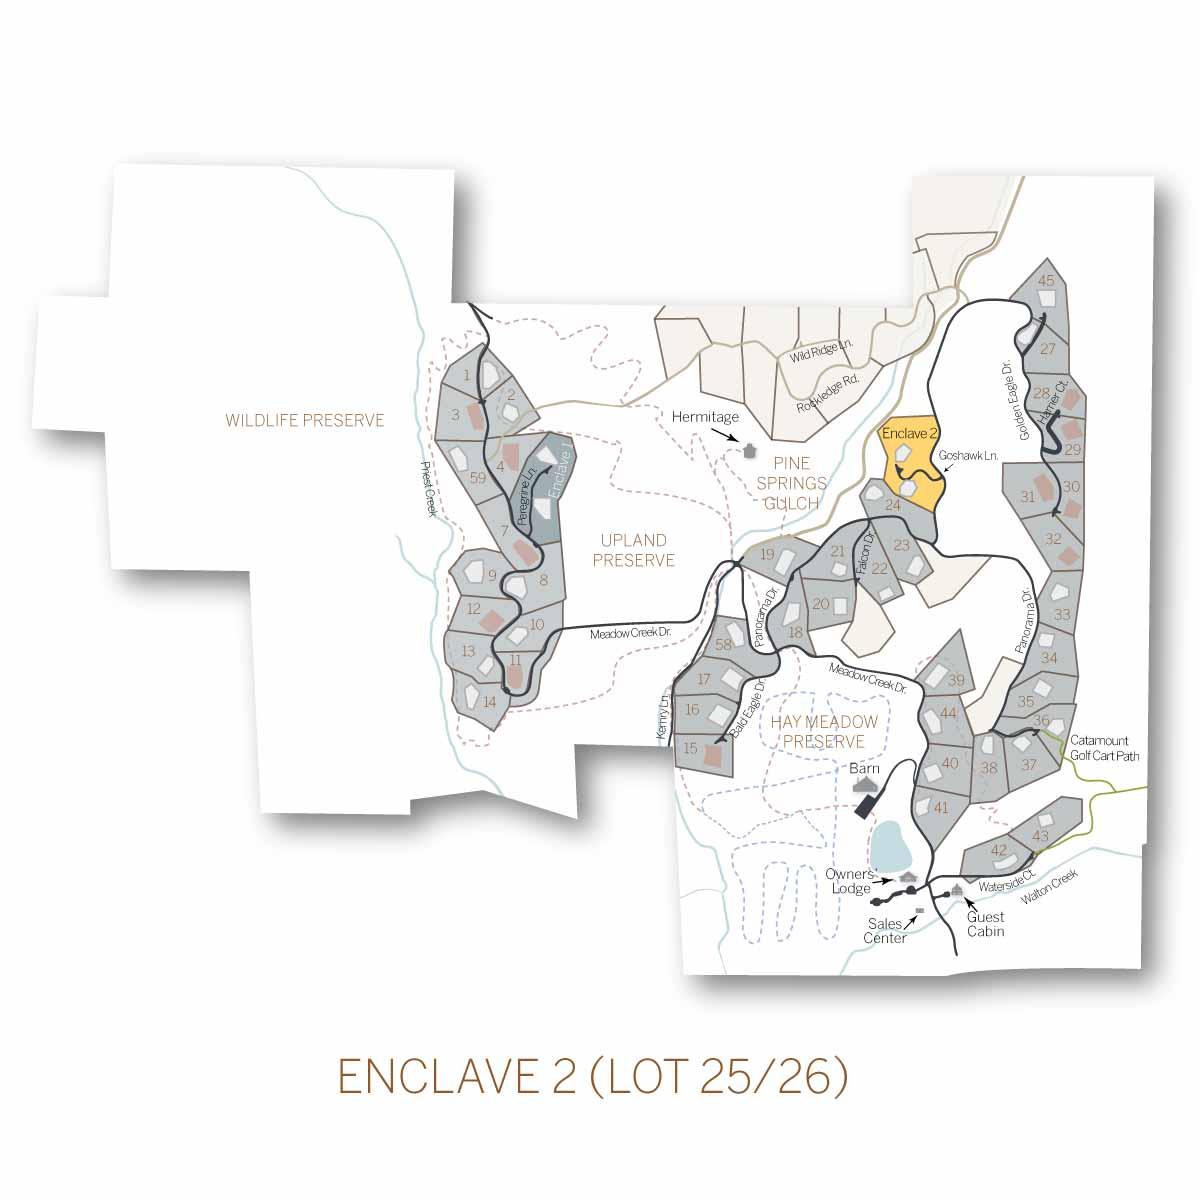 lot 25 26 Enclave 2 - Homesite #25